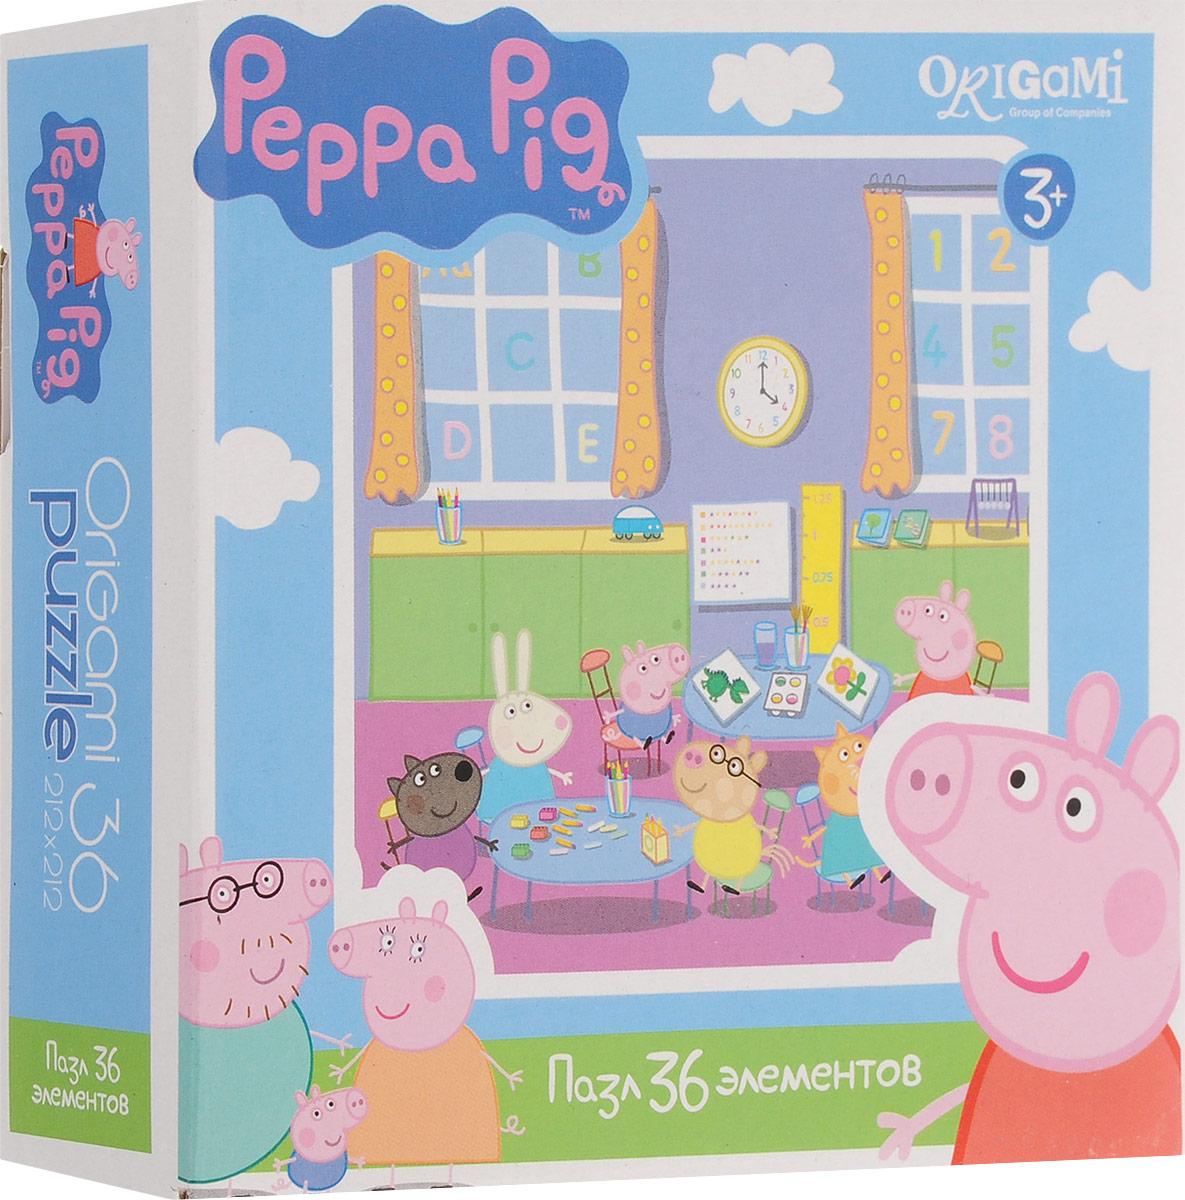 Оригами Пазл для малышей Peppa Pig 01552